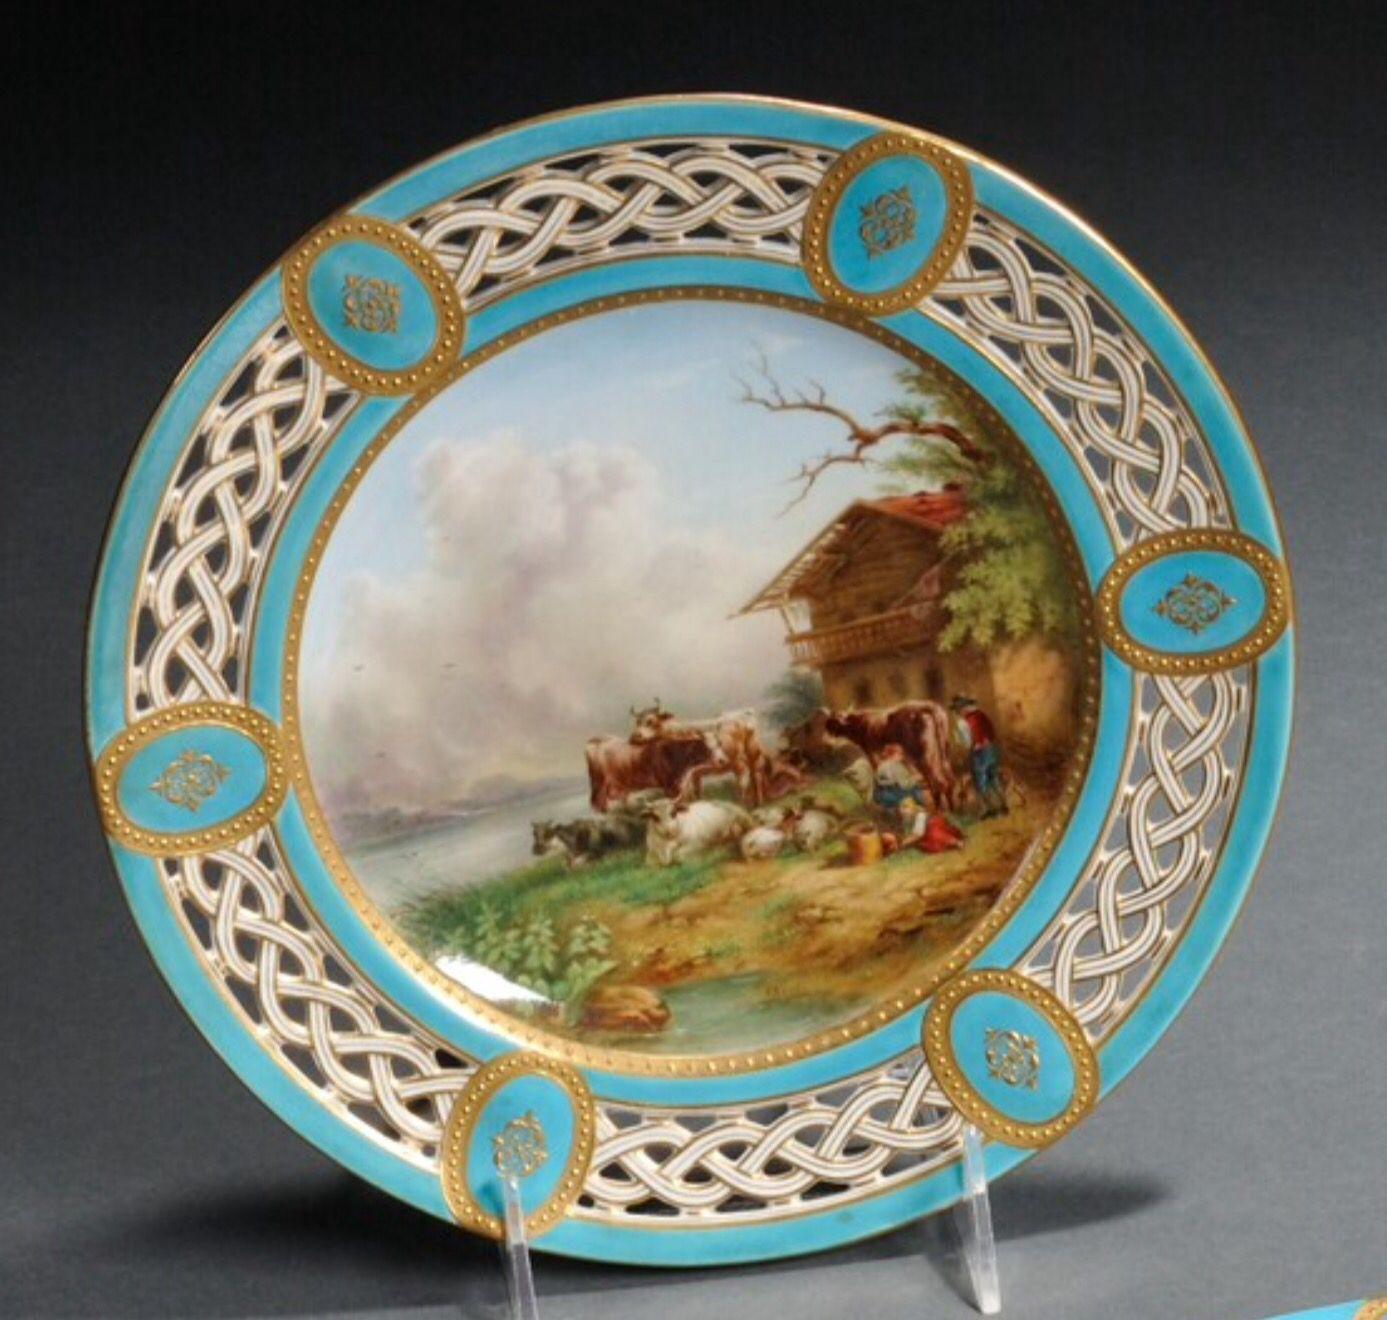 Minton Hand-painted Porcelain Plate